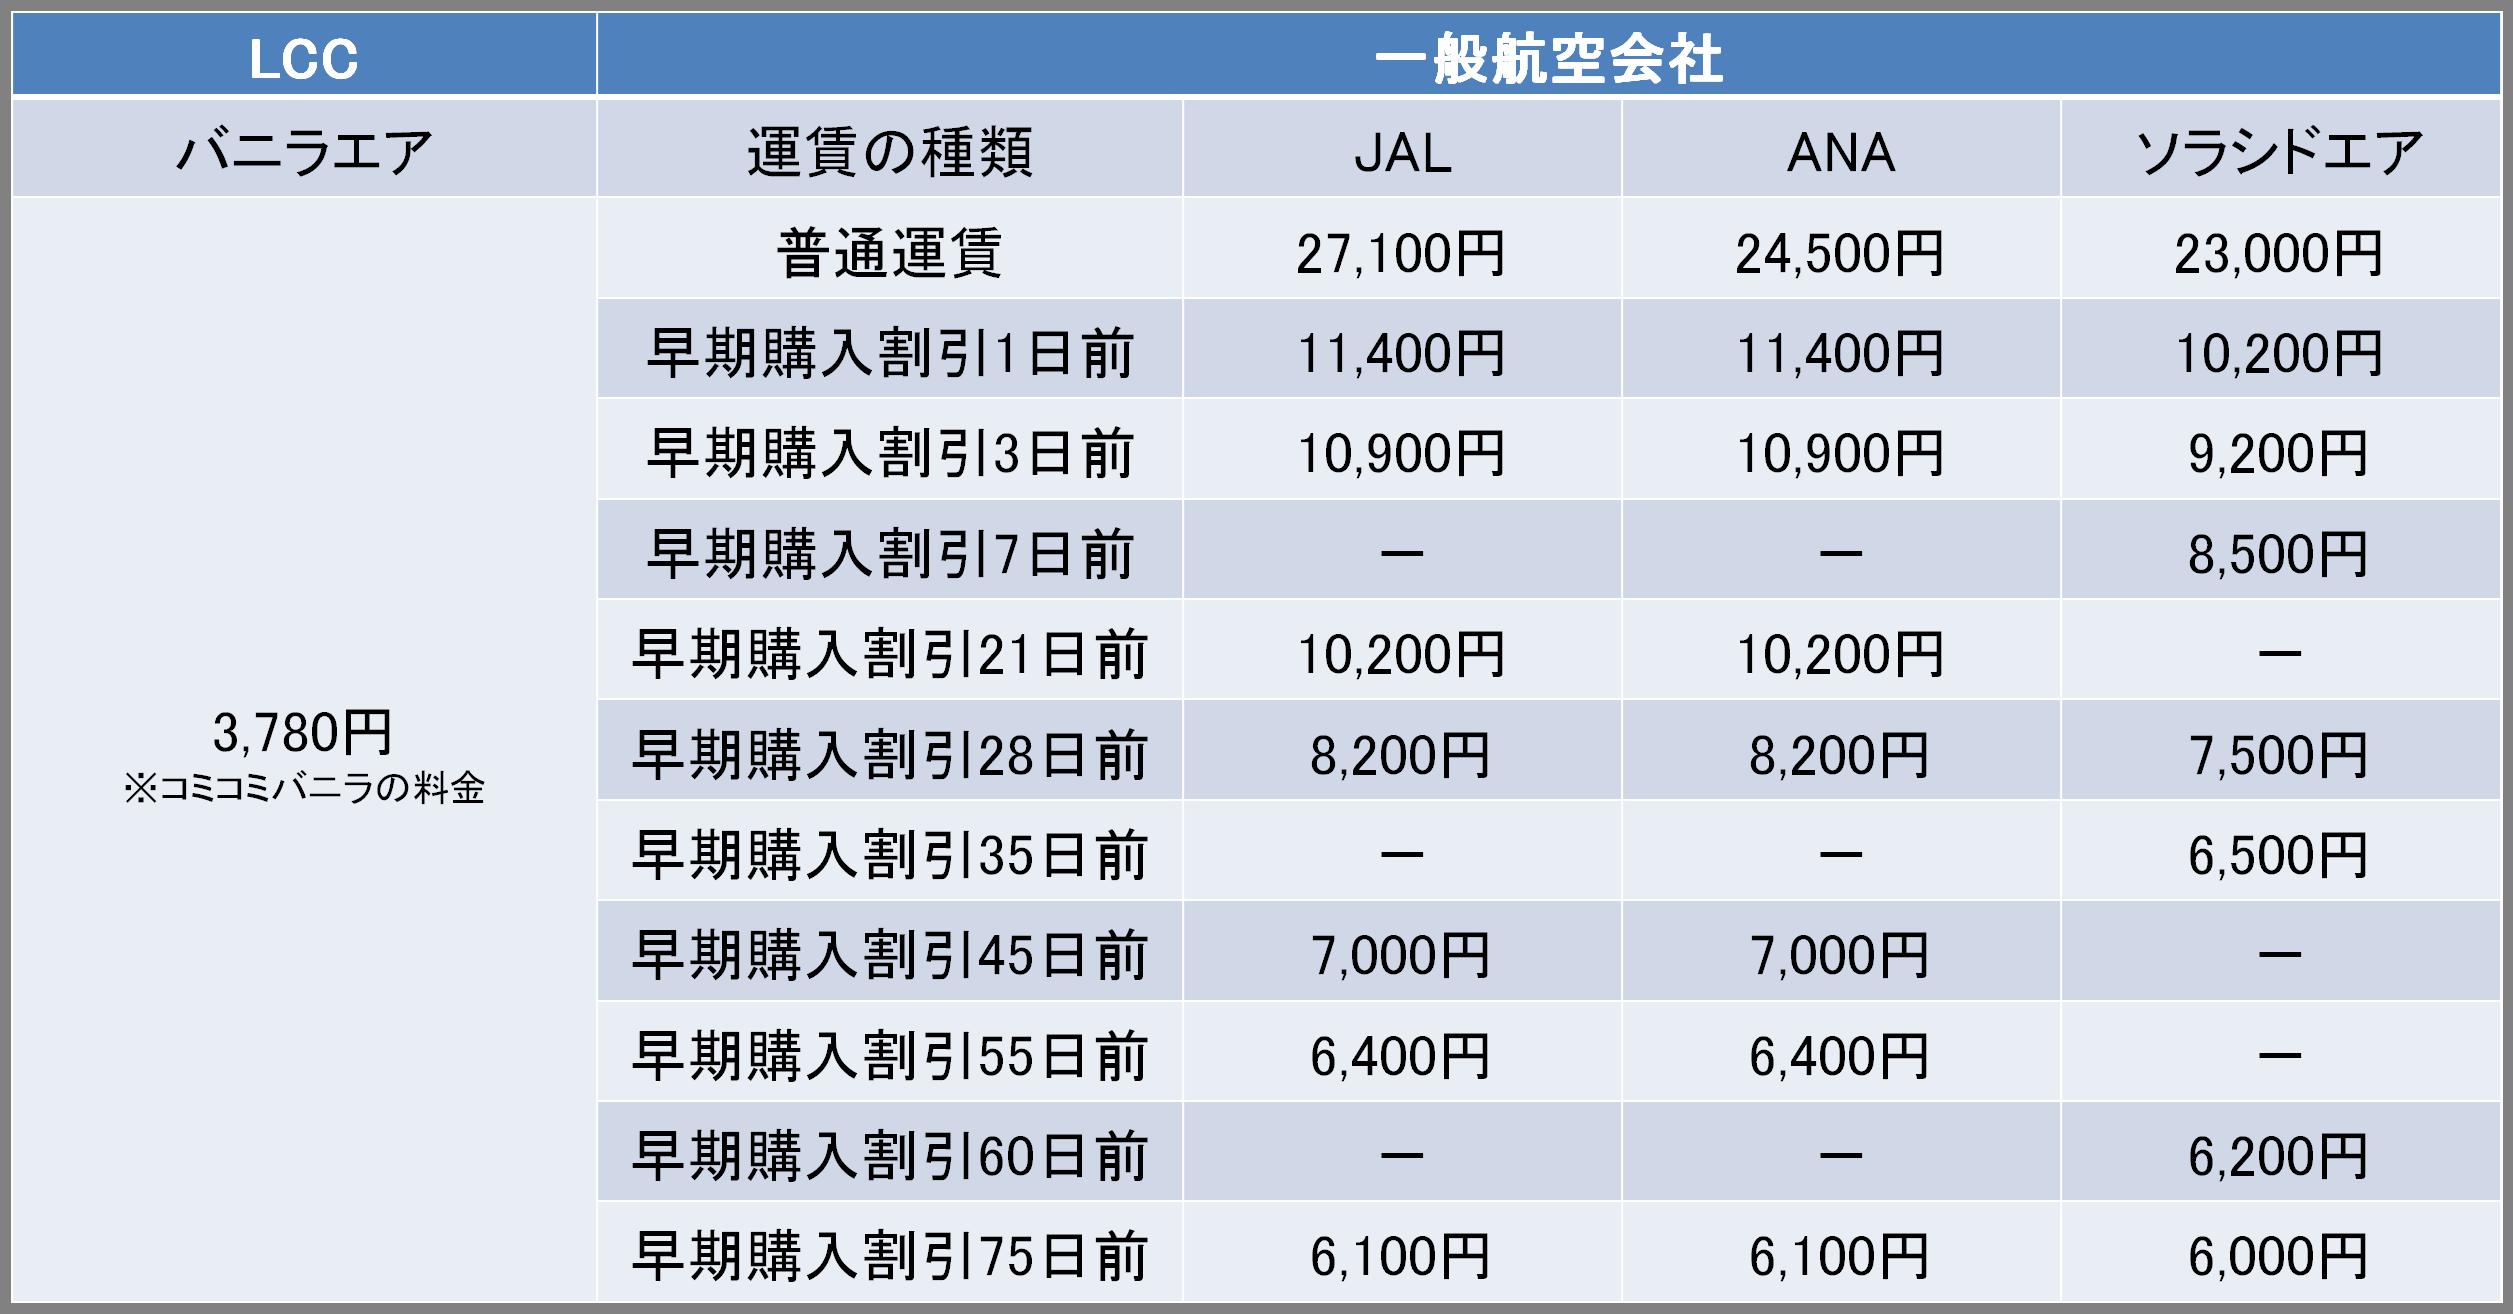 那覇-石垣間の航空券の料金